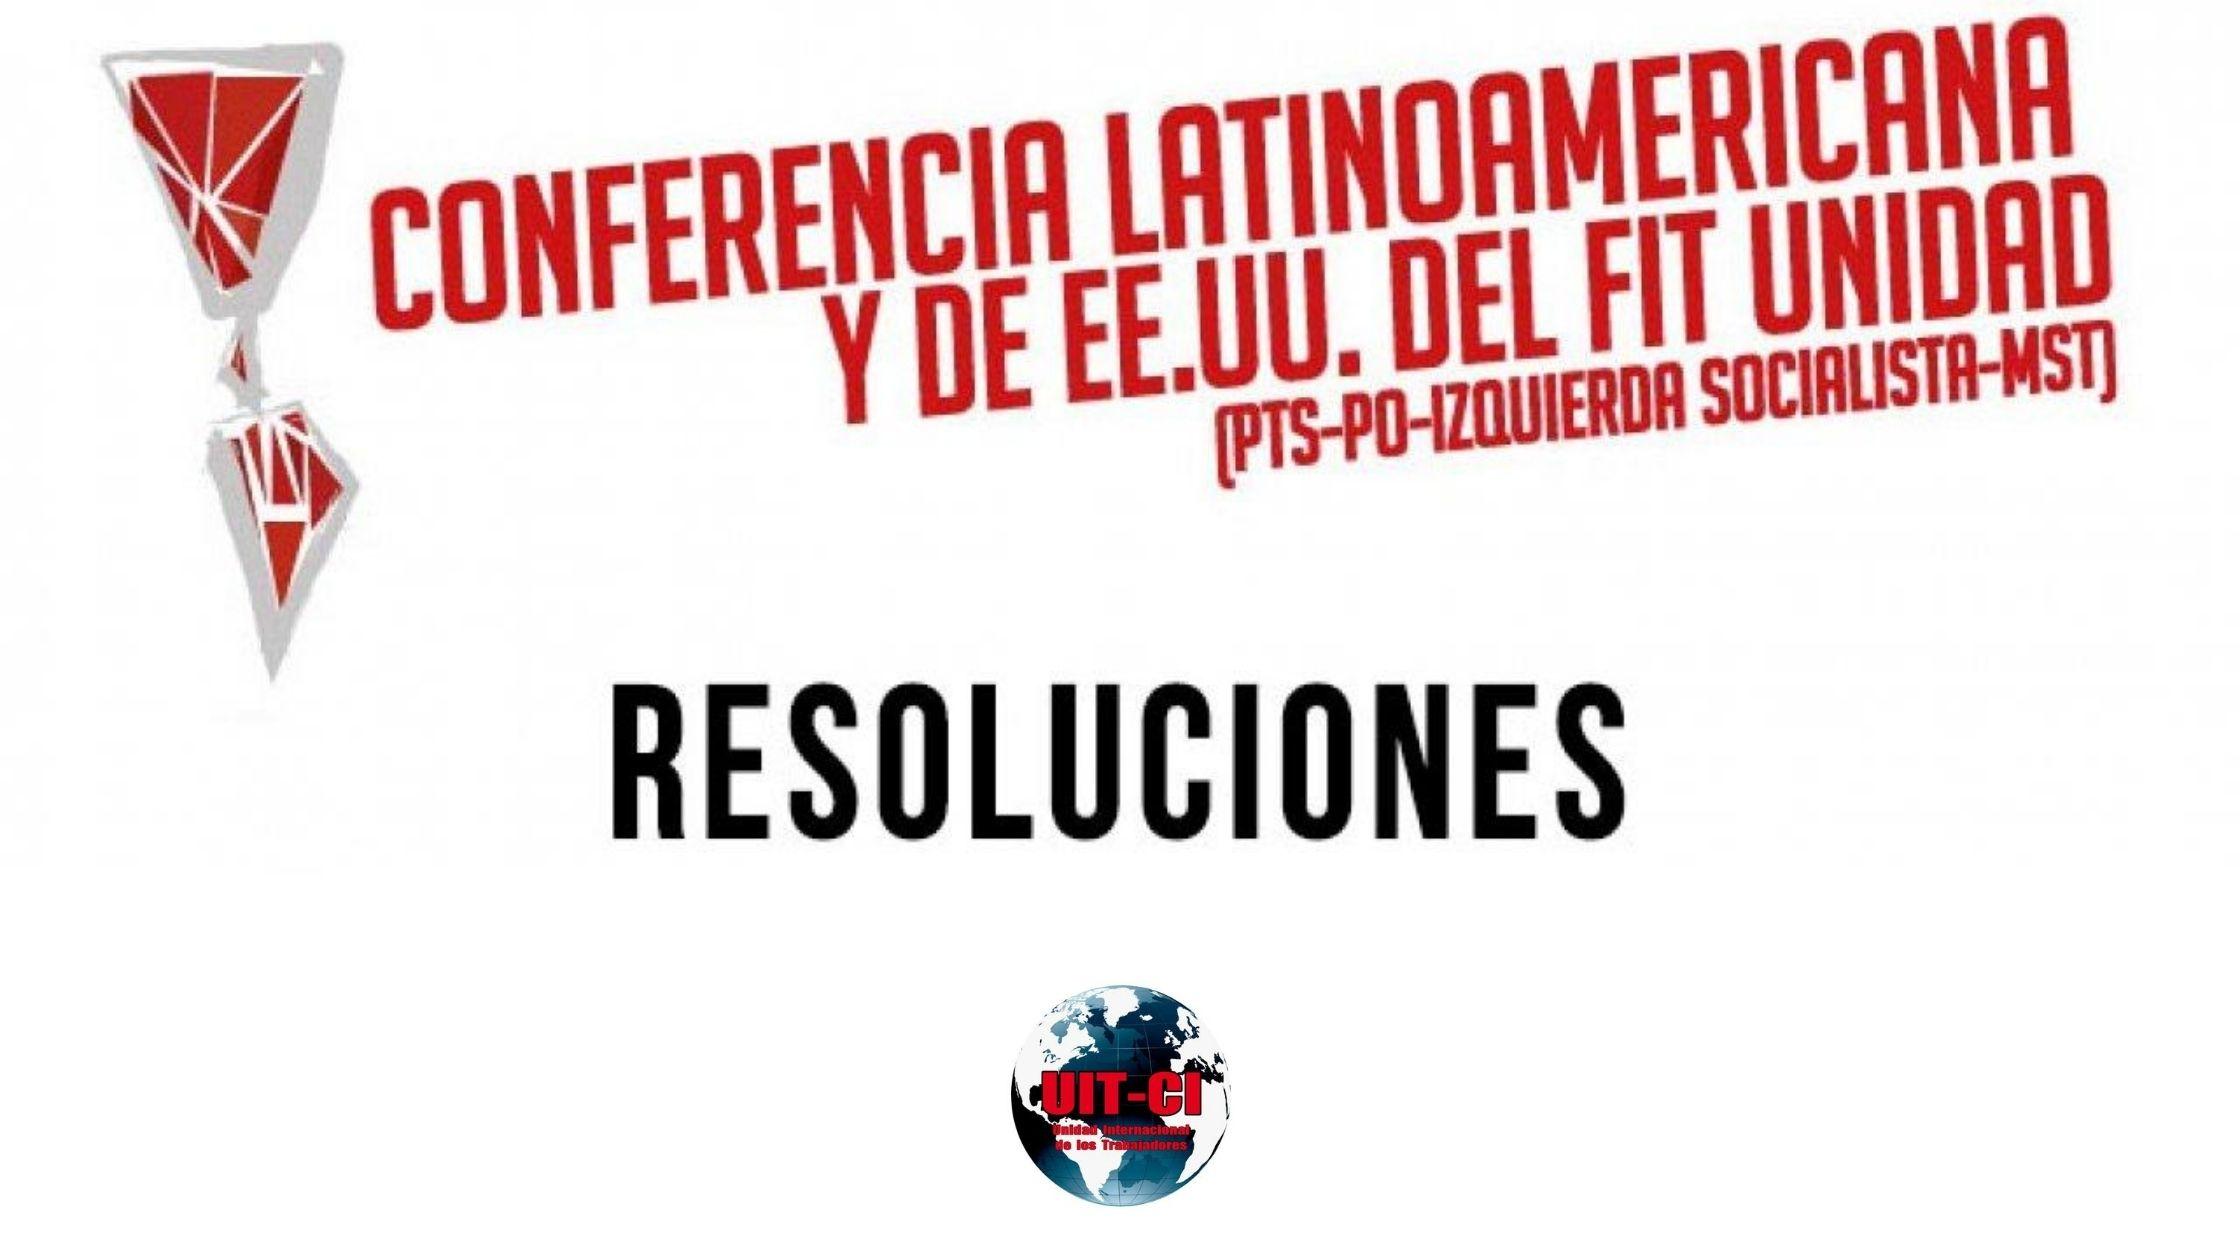 resolucionesconferencia